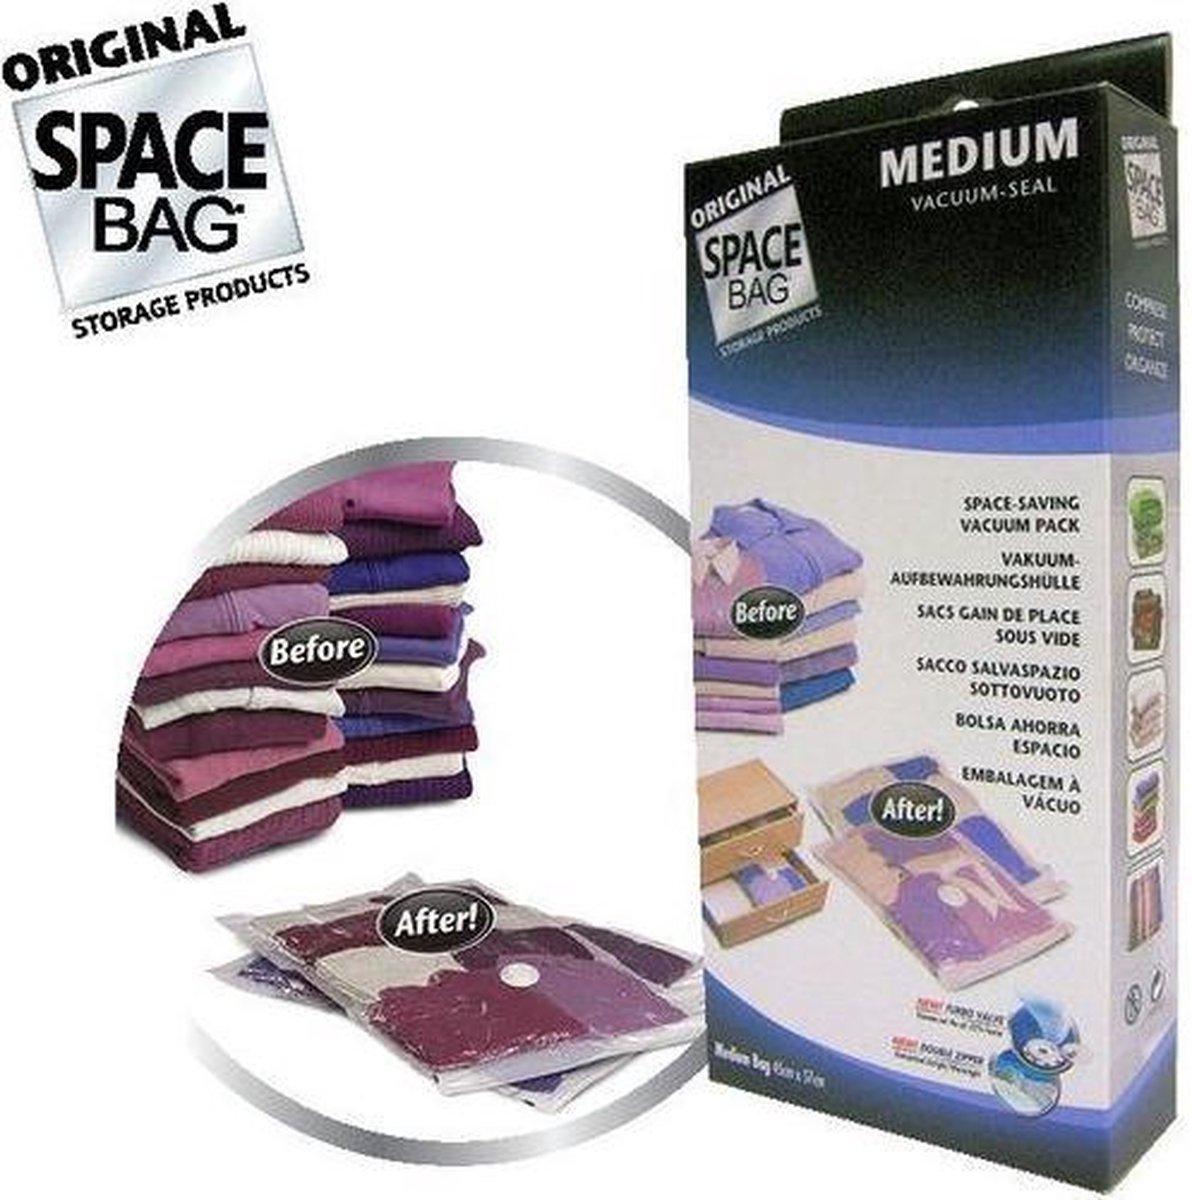 Space Bags Vacuümzakken Medium - 2 stuks - Space Bag